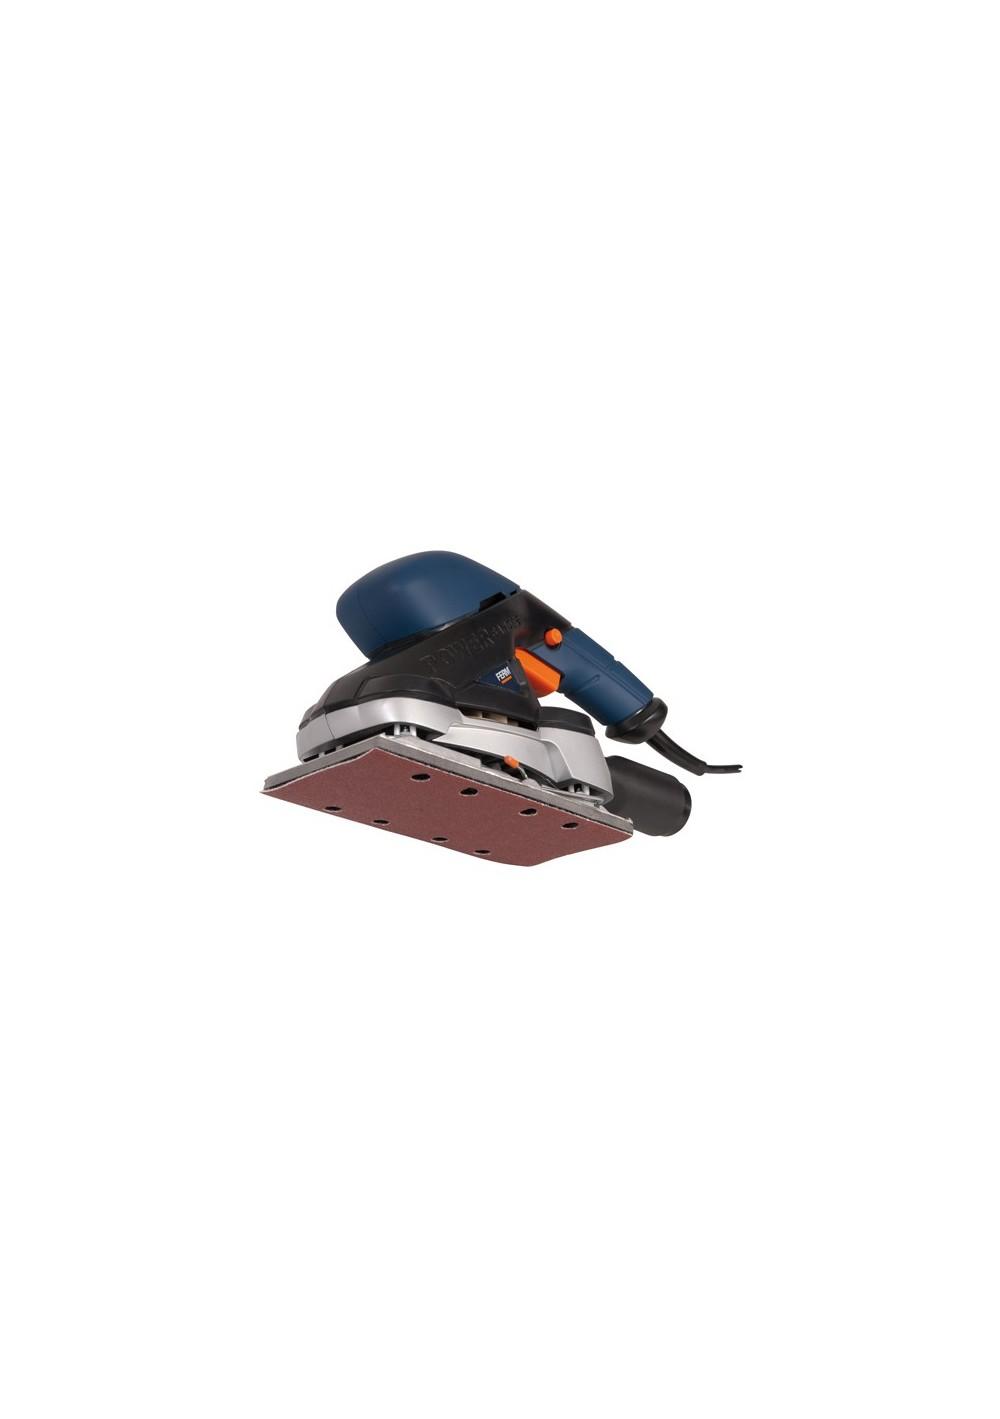 Levigatrice Orbitale 180W - Completa Di Accessori